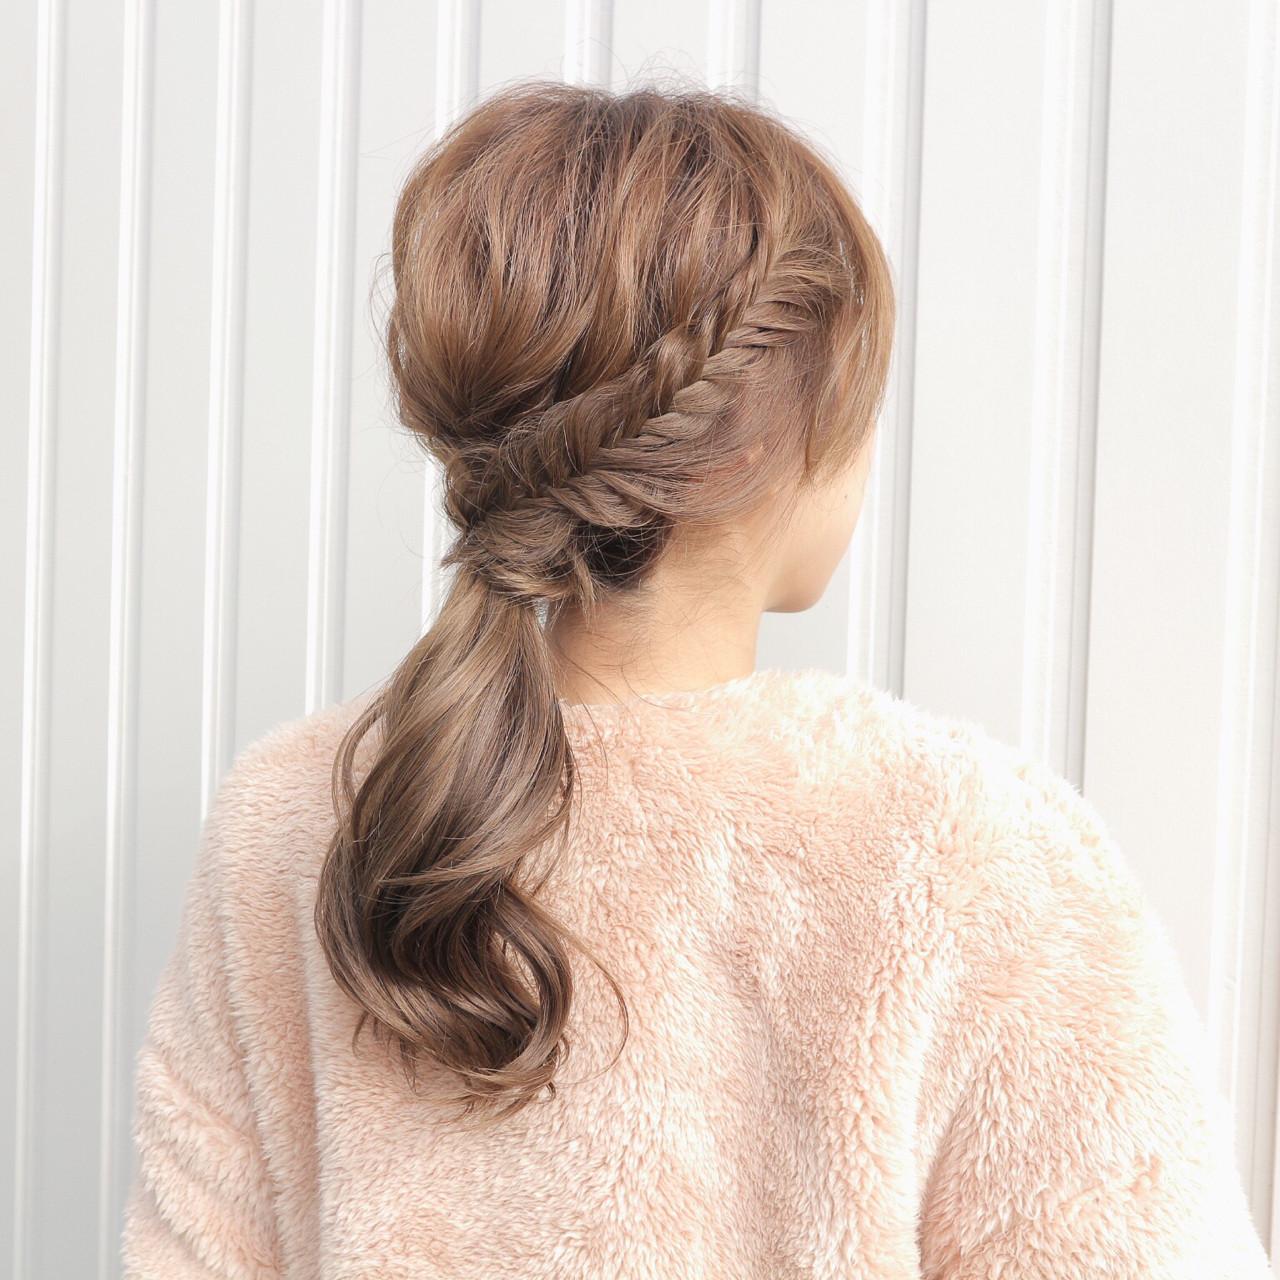 ゆるふわ セミロング 大人女子 フィッシュボーン ヘアスタイルや髪型の写真・画像   桑村亮太/CALIF hair store / 函館/CALIF hair store/キャリフ ヘアストア